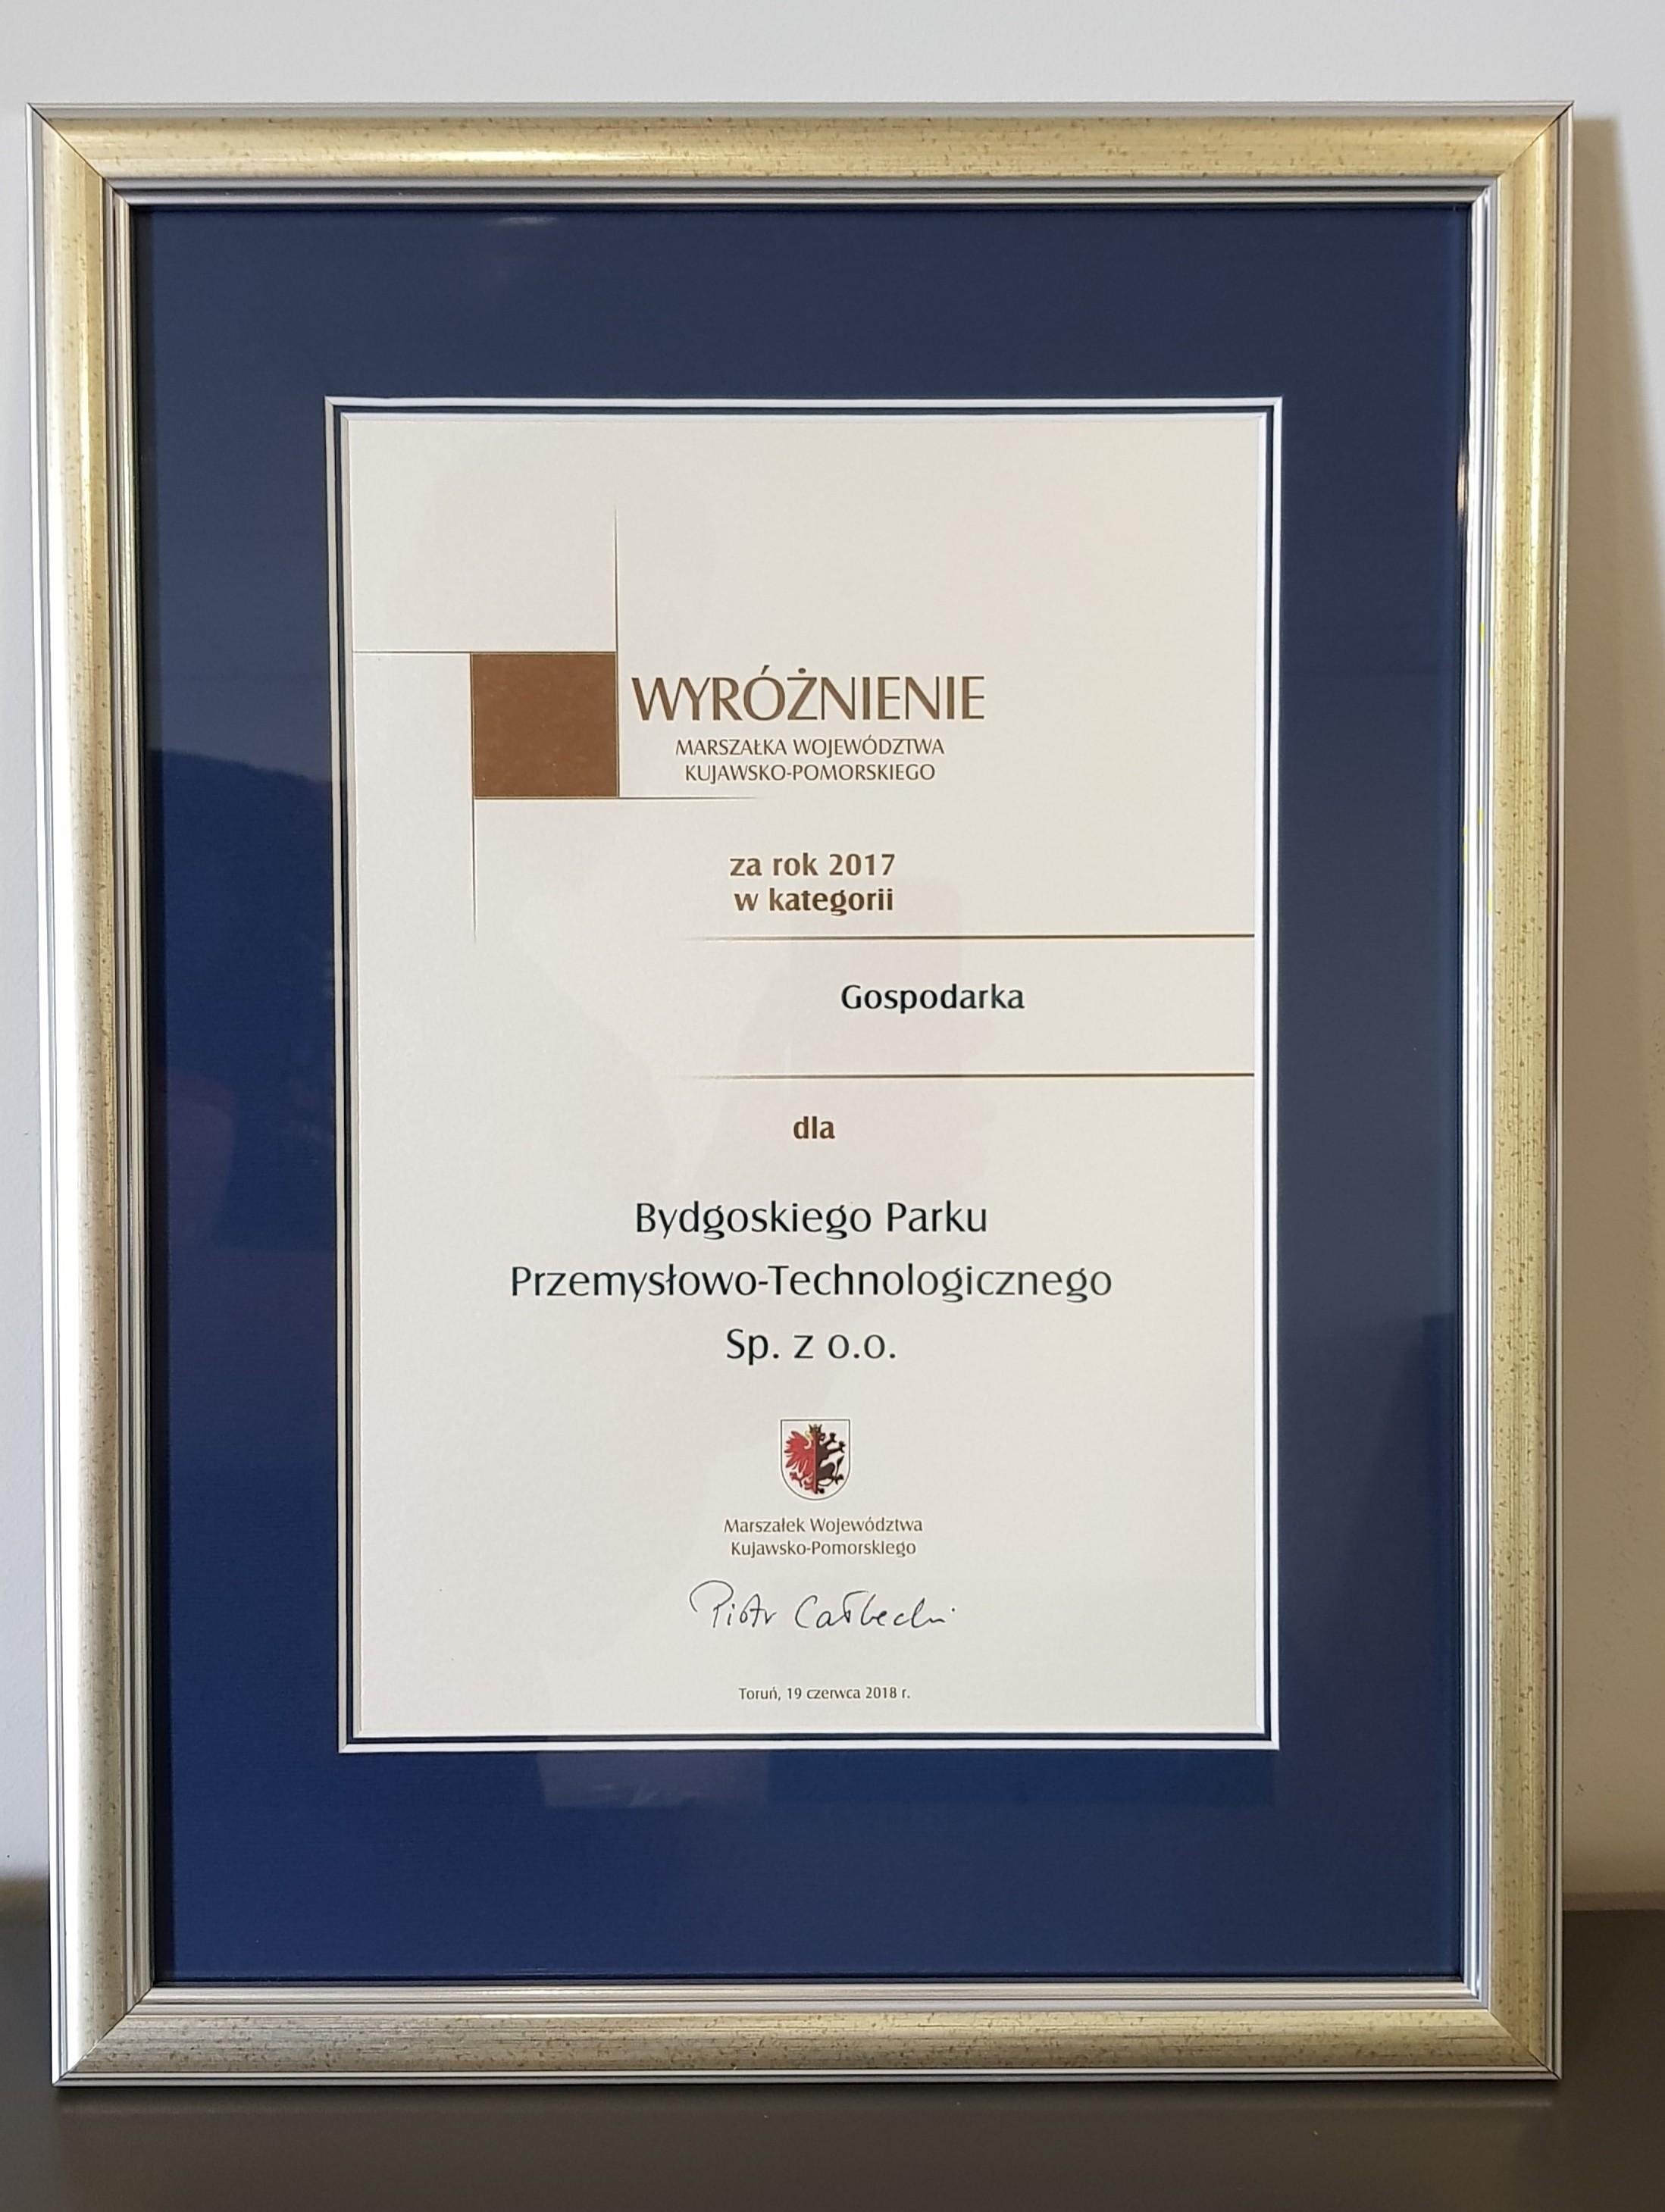 Wyróżnienie Marszałka Województwa Kujawsko-Pomorskie